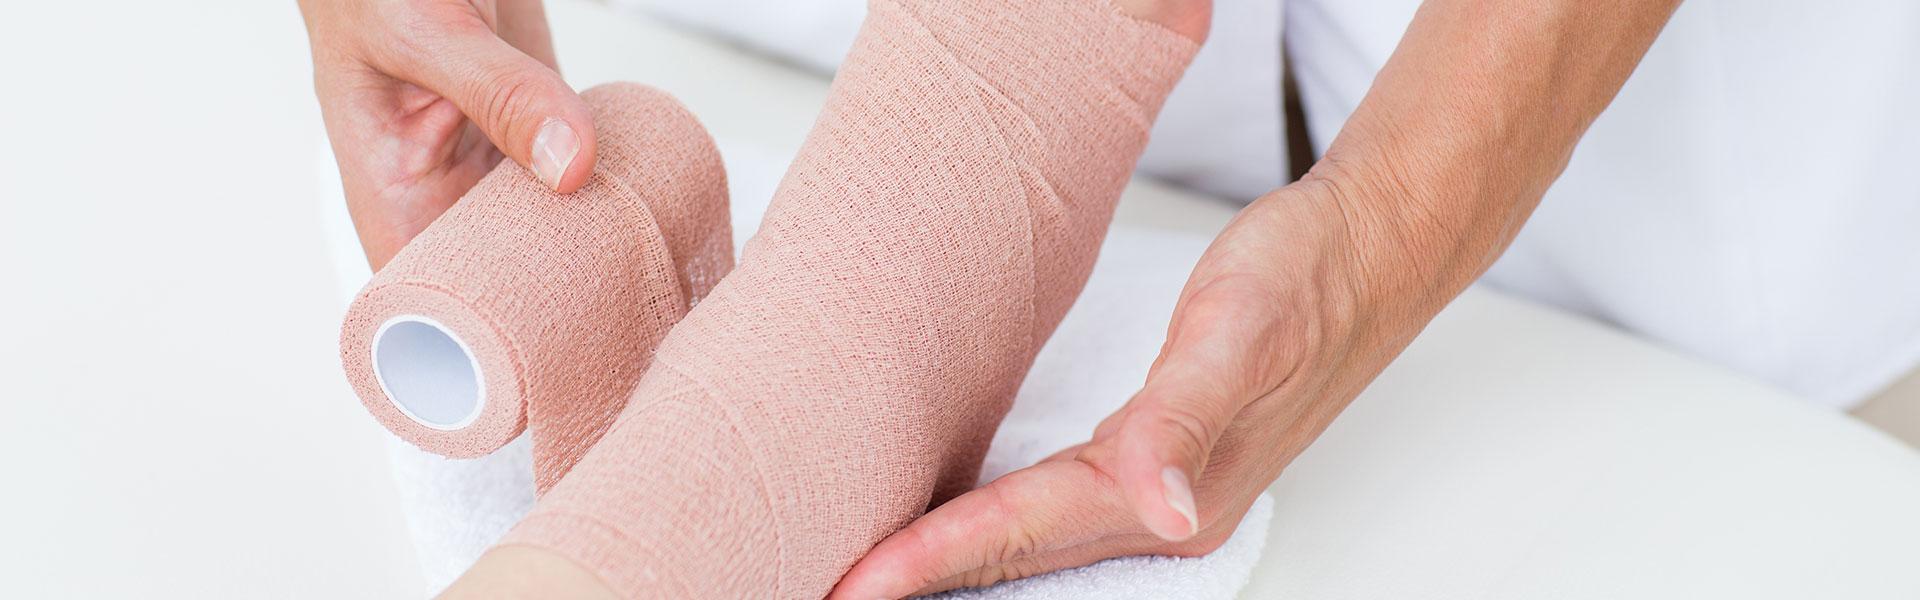 肘の痛み(野球肘・テニス肘・ゴルフ肘など)